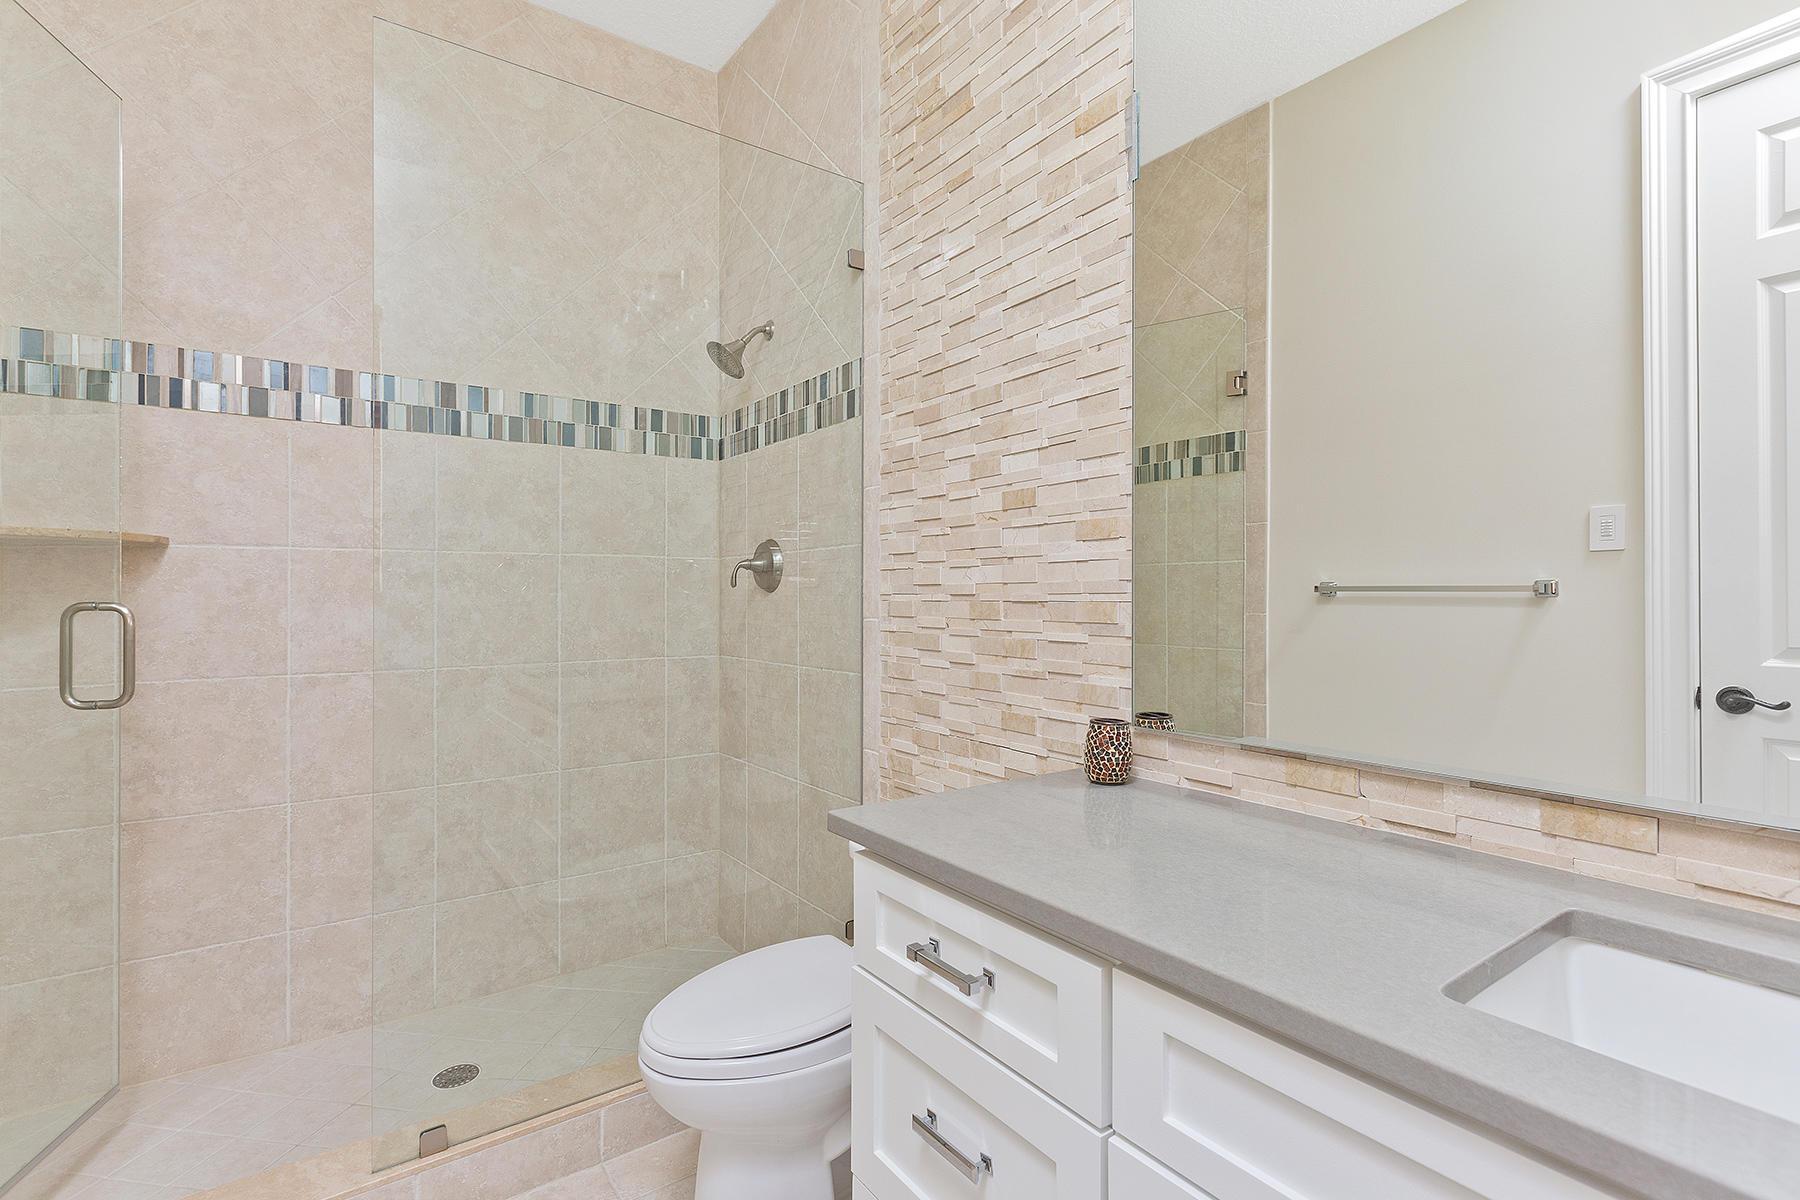 59_Bathroom2_2